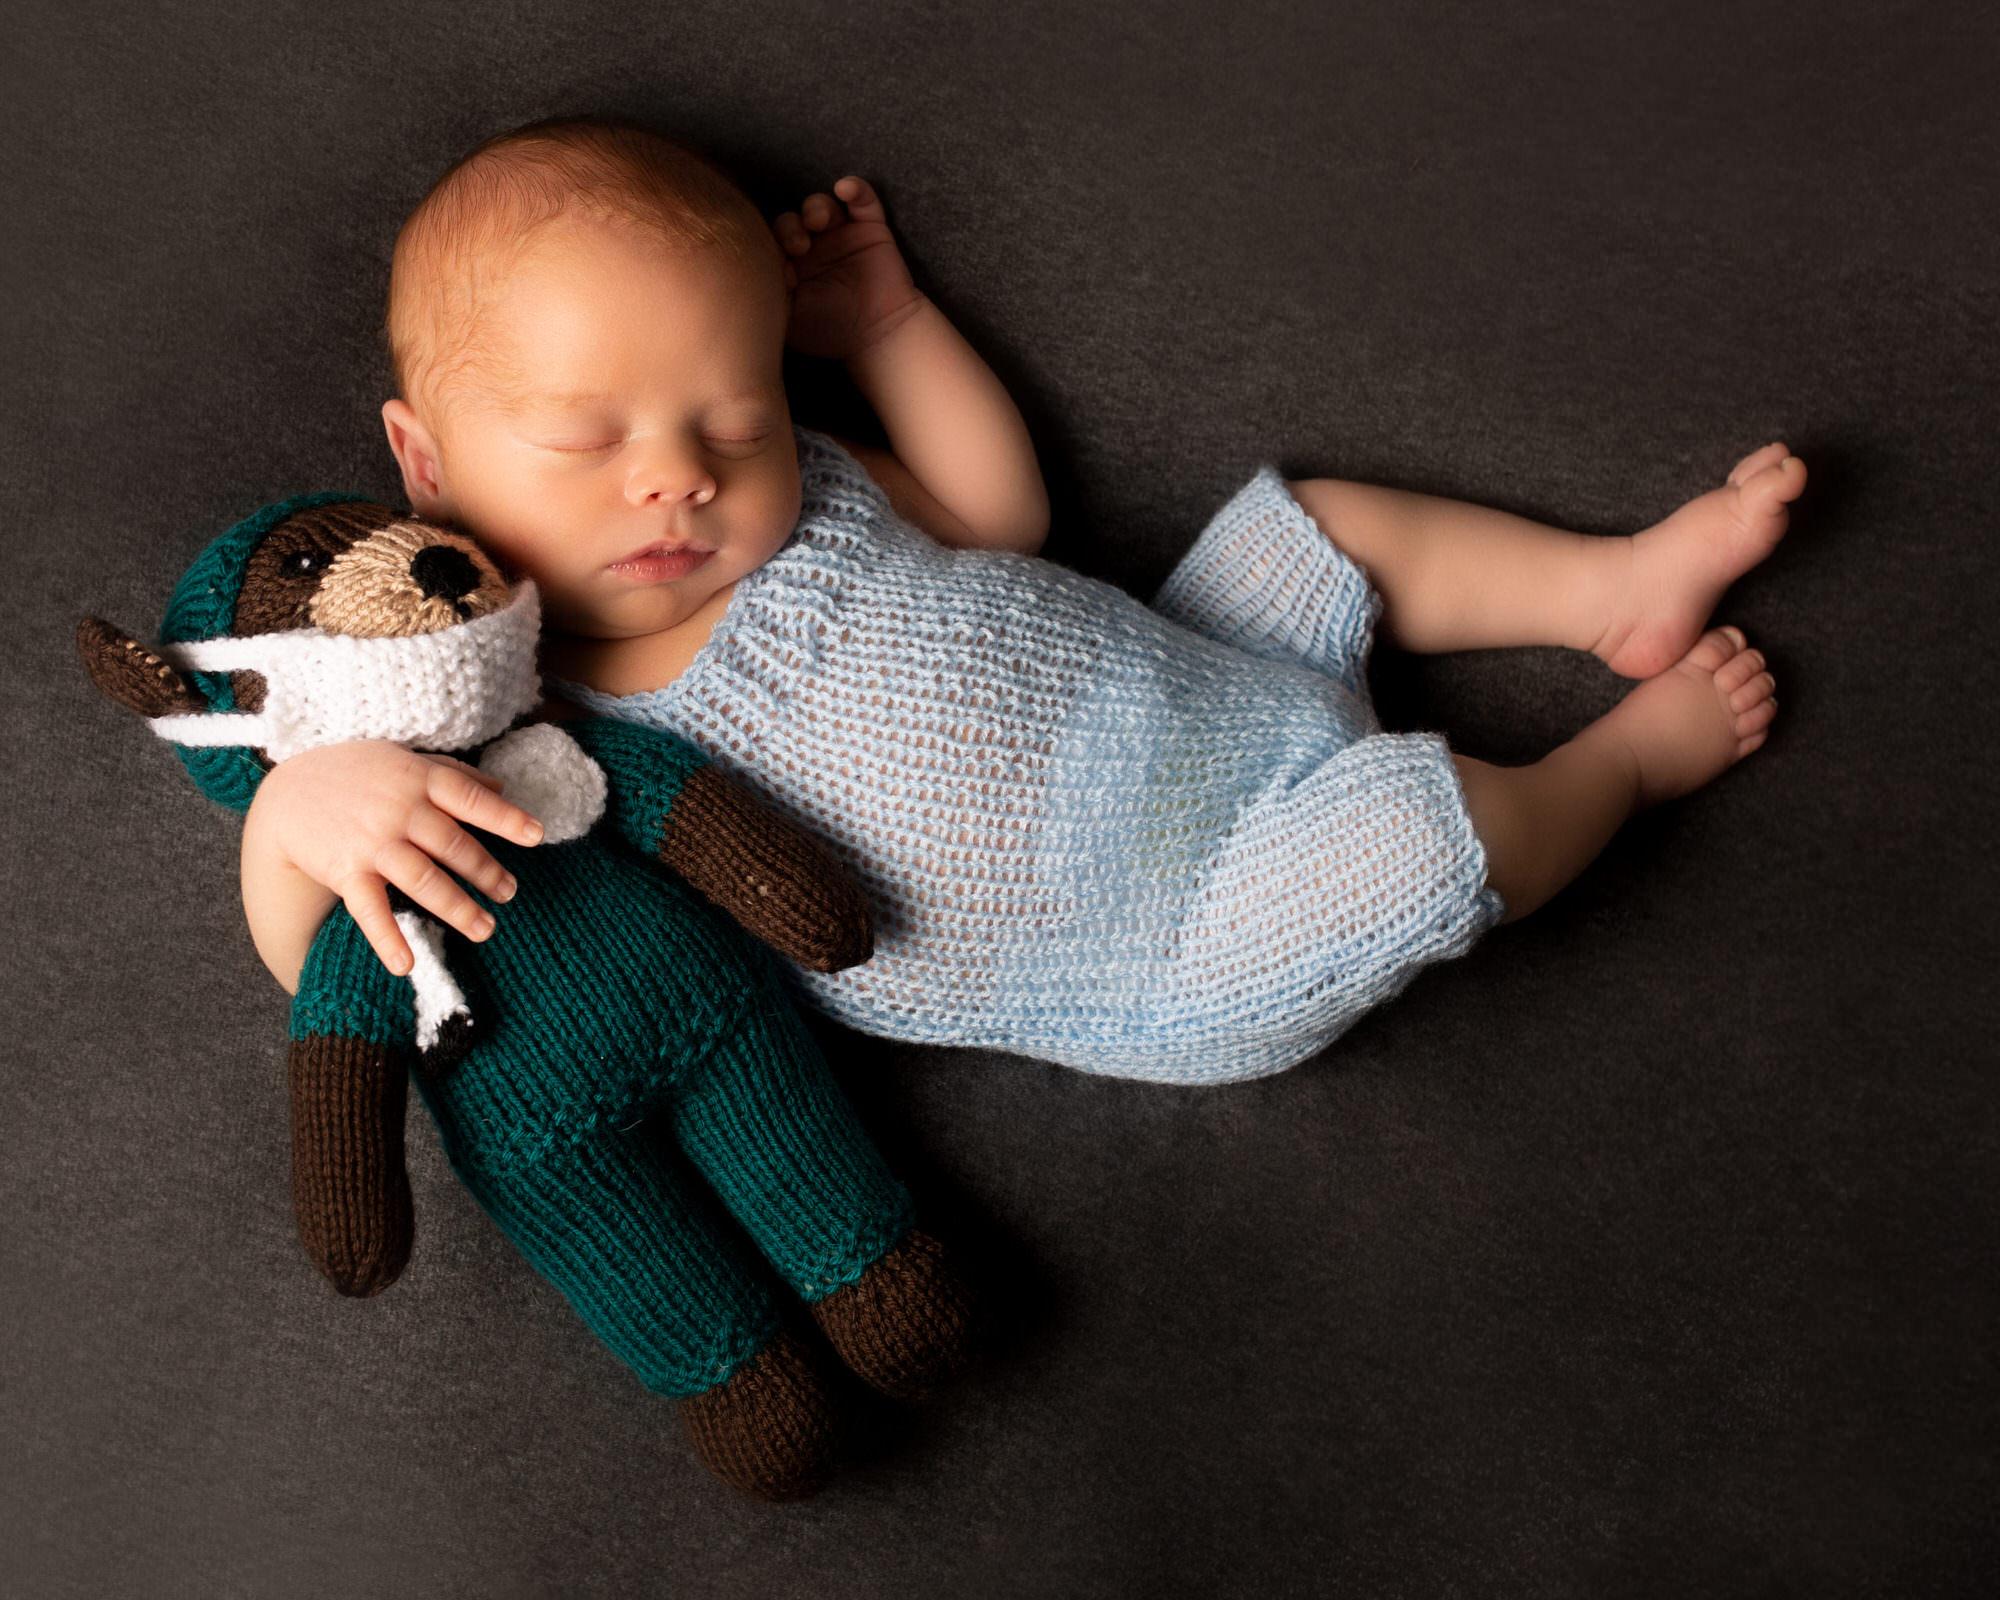 Horsham Newborn baby Photographer